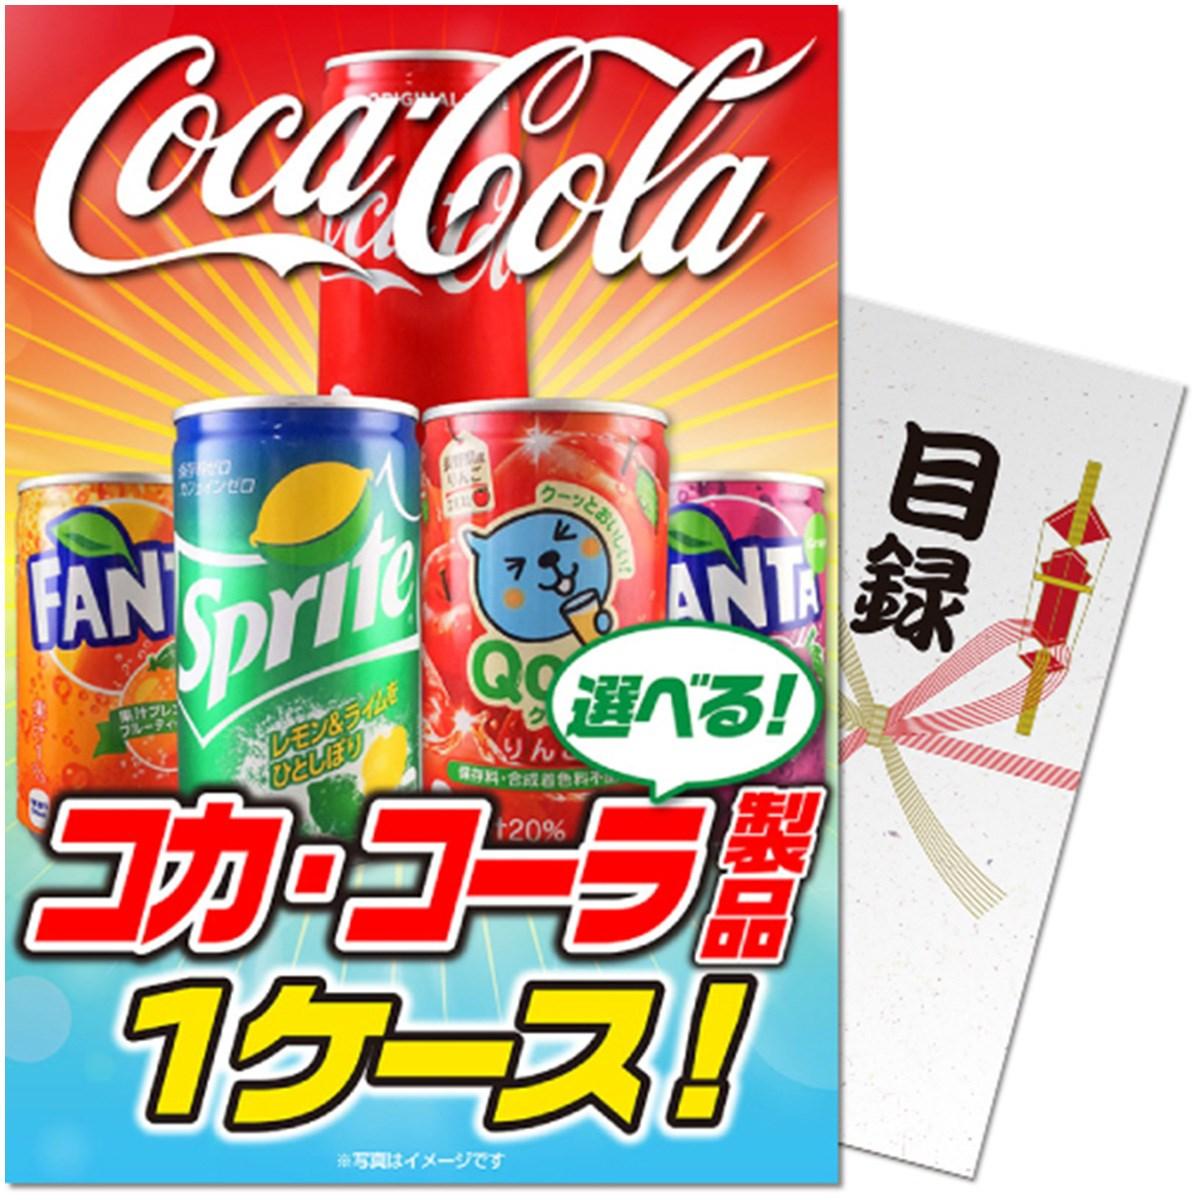 その他メーカー パネもく!選べる!コカ コーラ製品1ケース! 目録 A4パネル付き